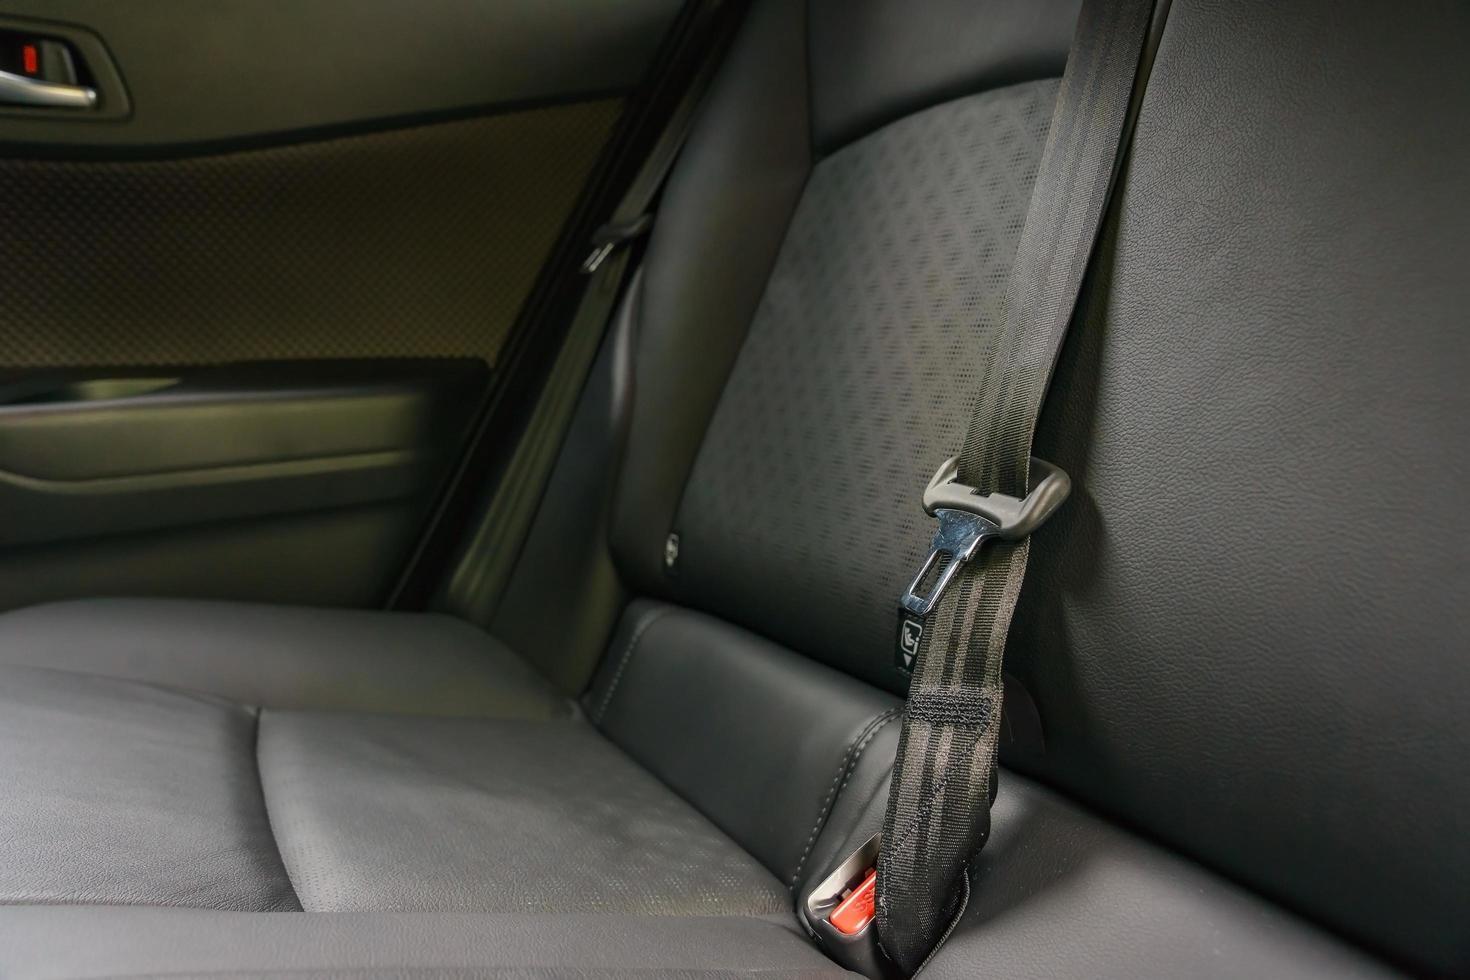 Interior del coche moderno, asientos traseros con cinturones de seguridad. foto